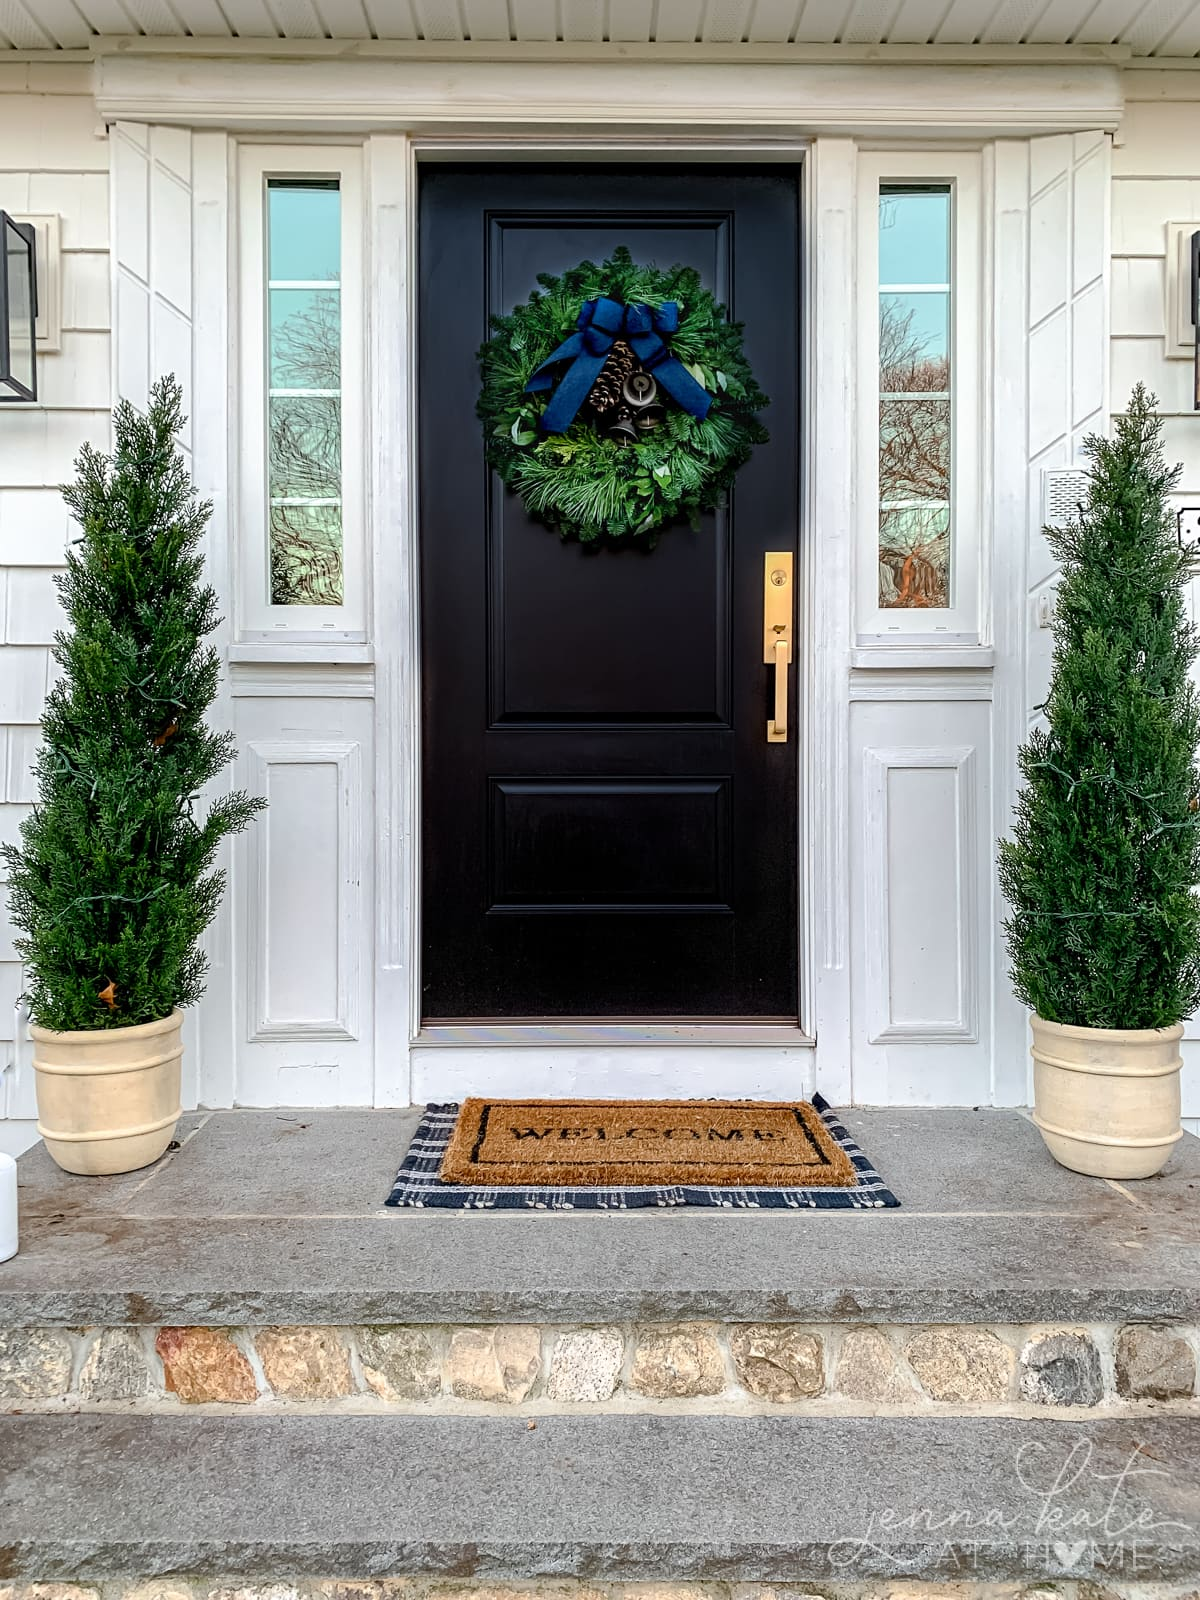 Black front door with Christmas wreath